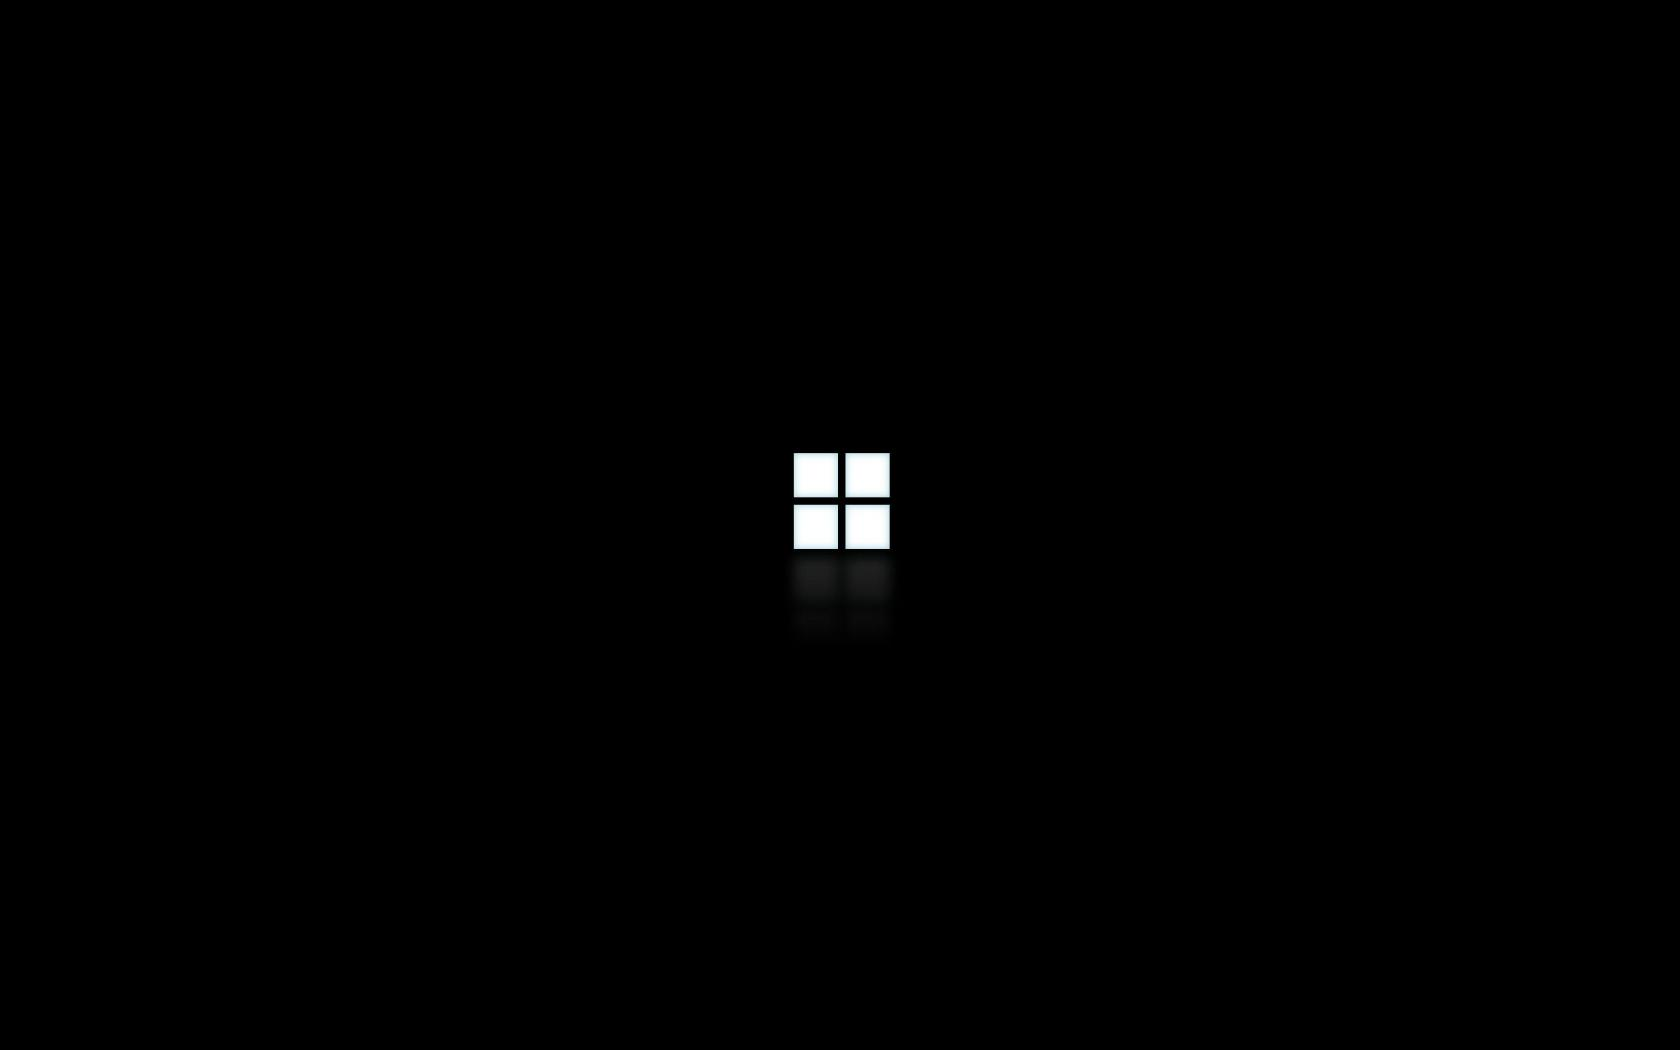 windows minimalist wallpaper   71502   HQ Desktop Wallpapers 1680x1050